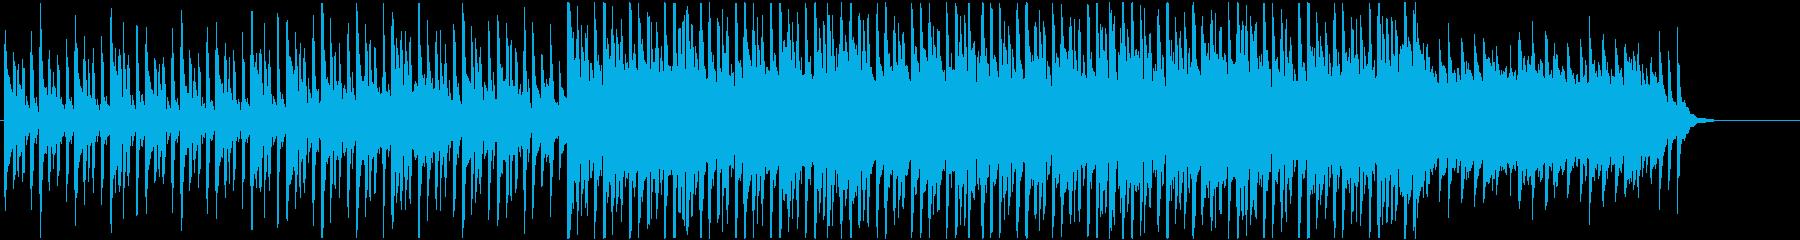 ポップス系 軽い感じのギター系4つ打ちの再生済みの波形